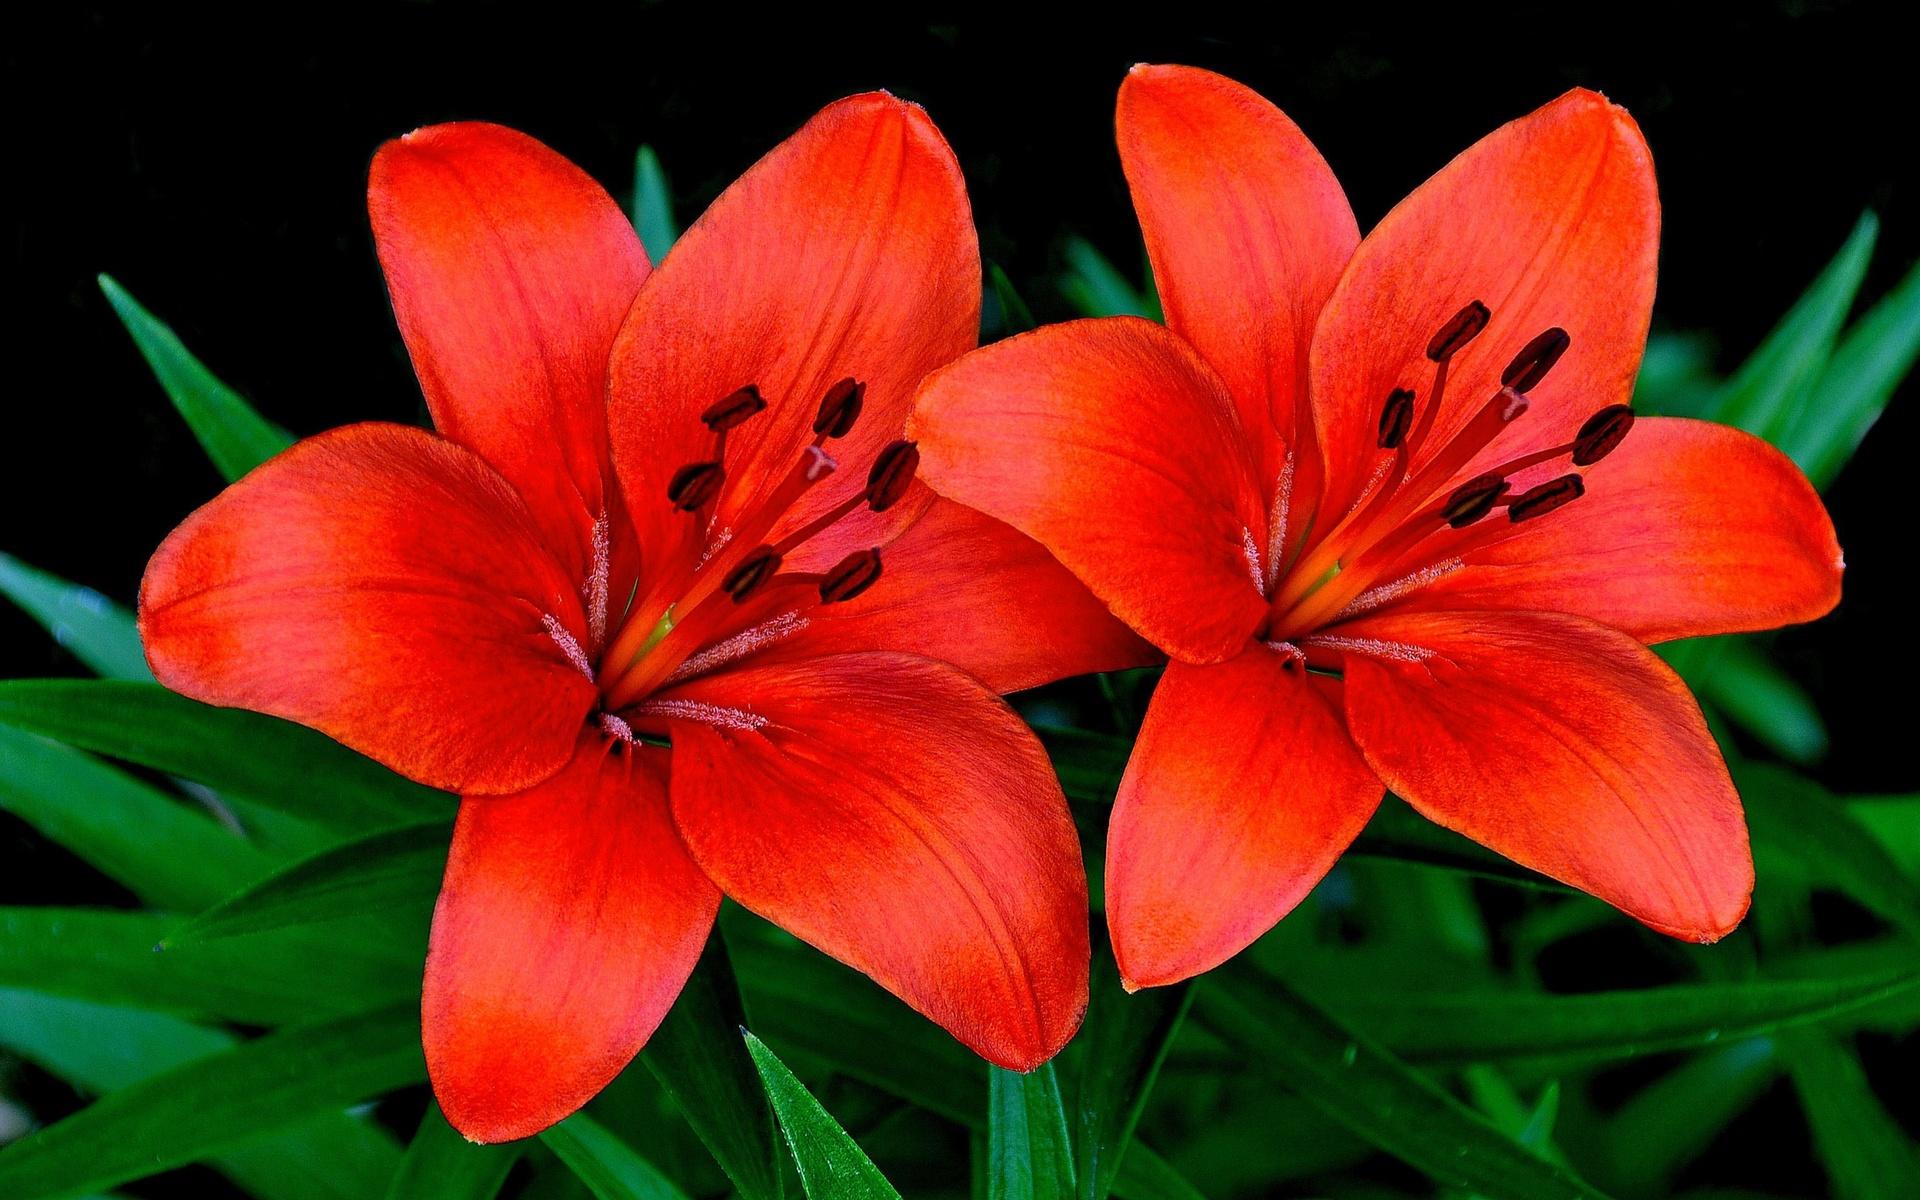 Красивые картинки с цветами лилии, день рождения